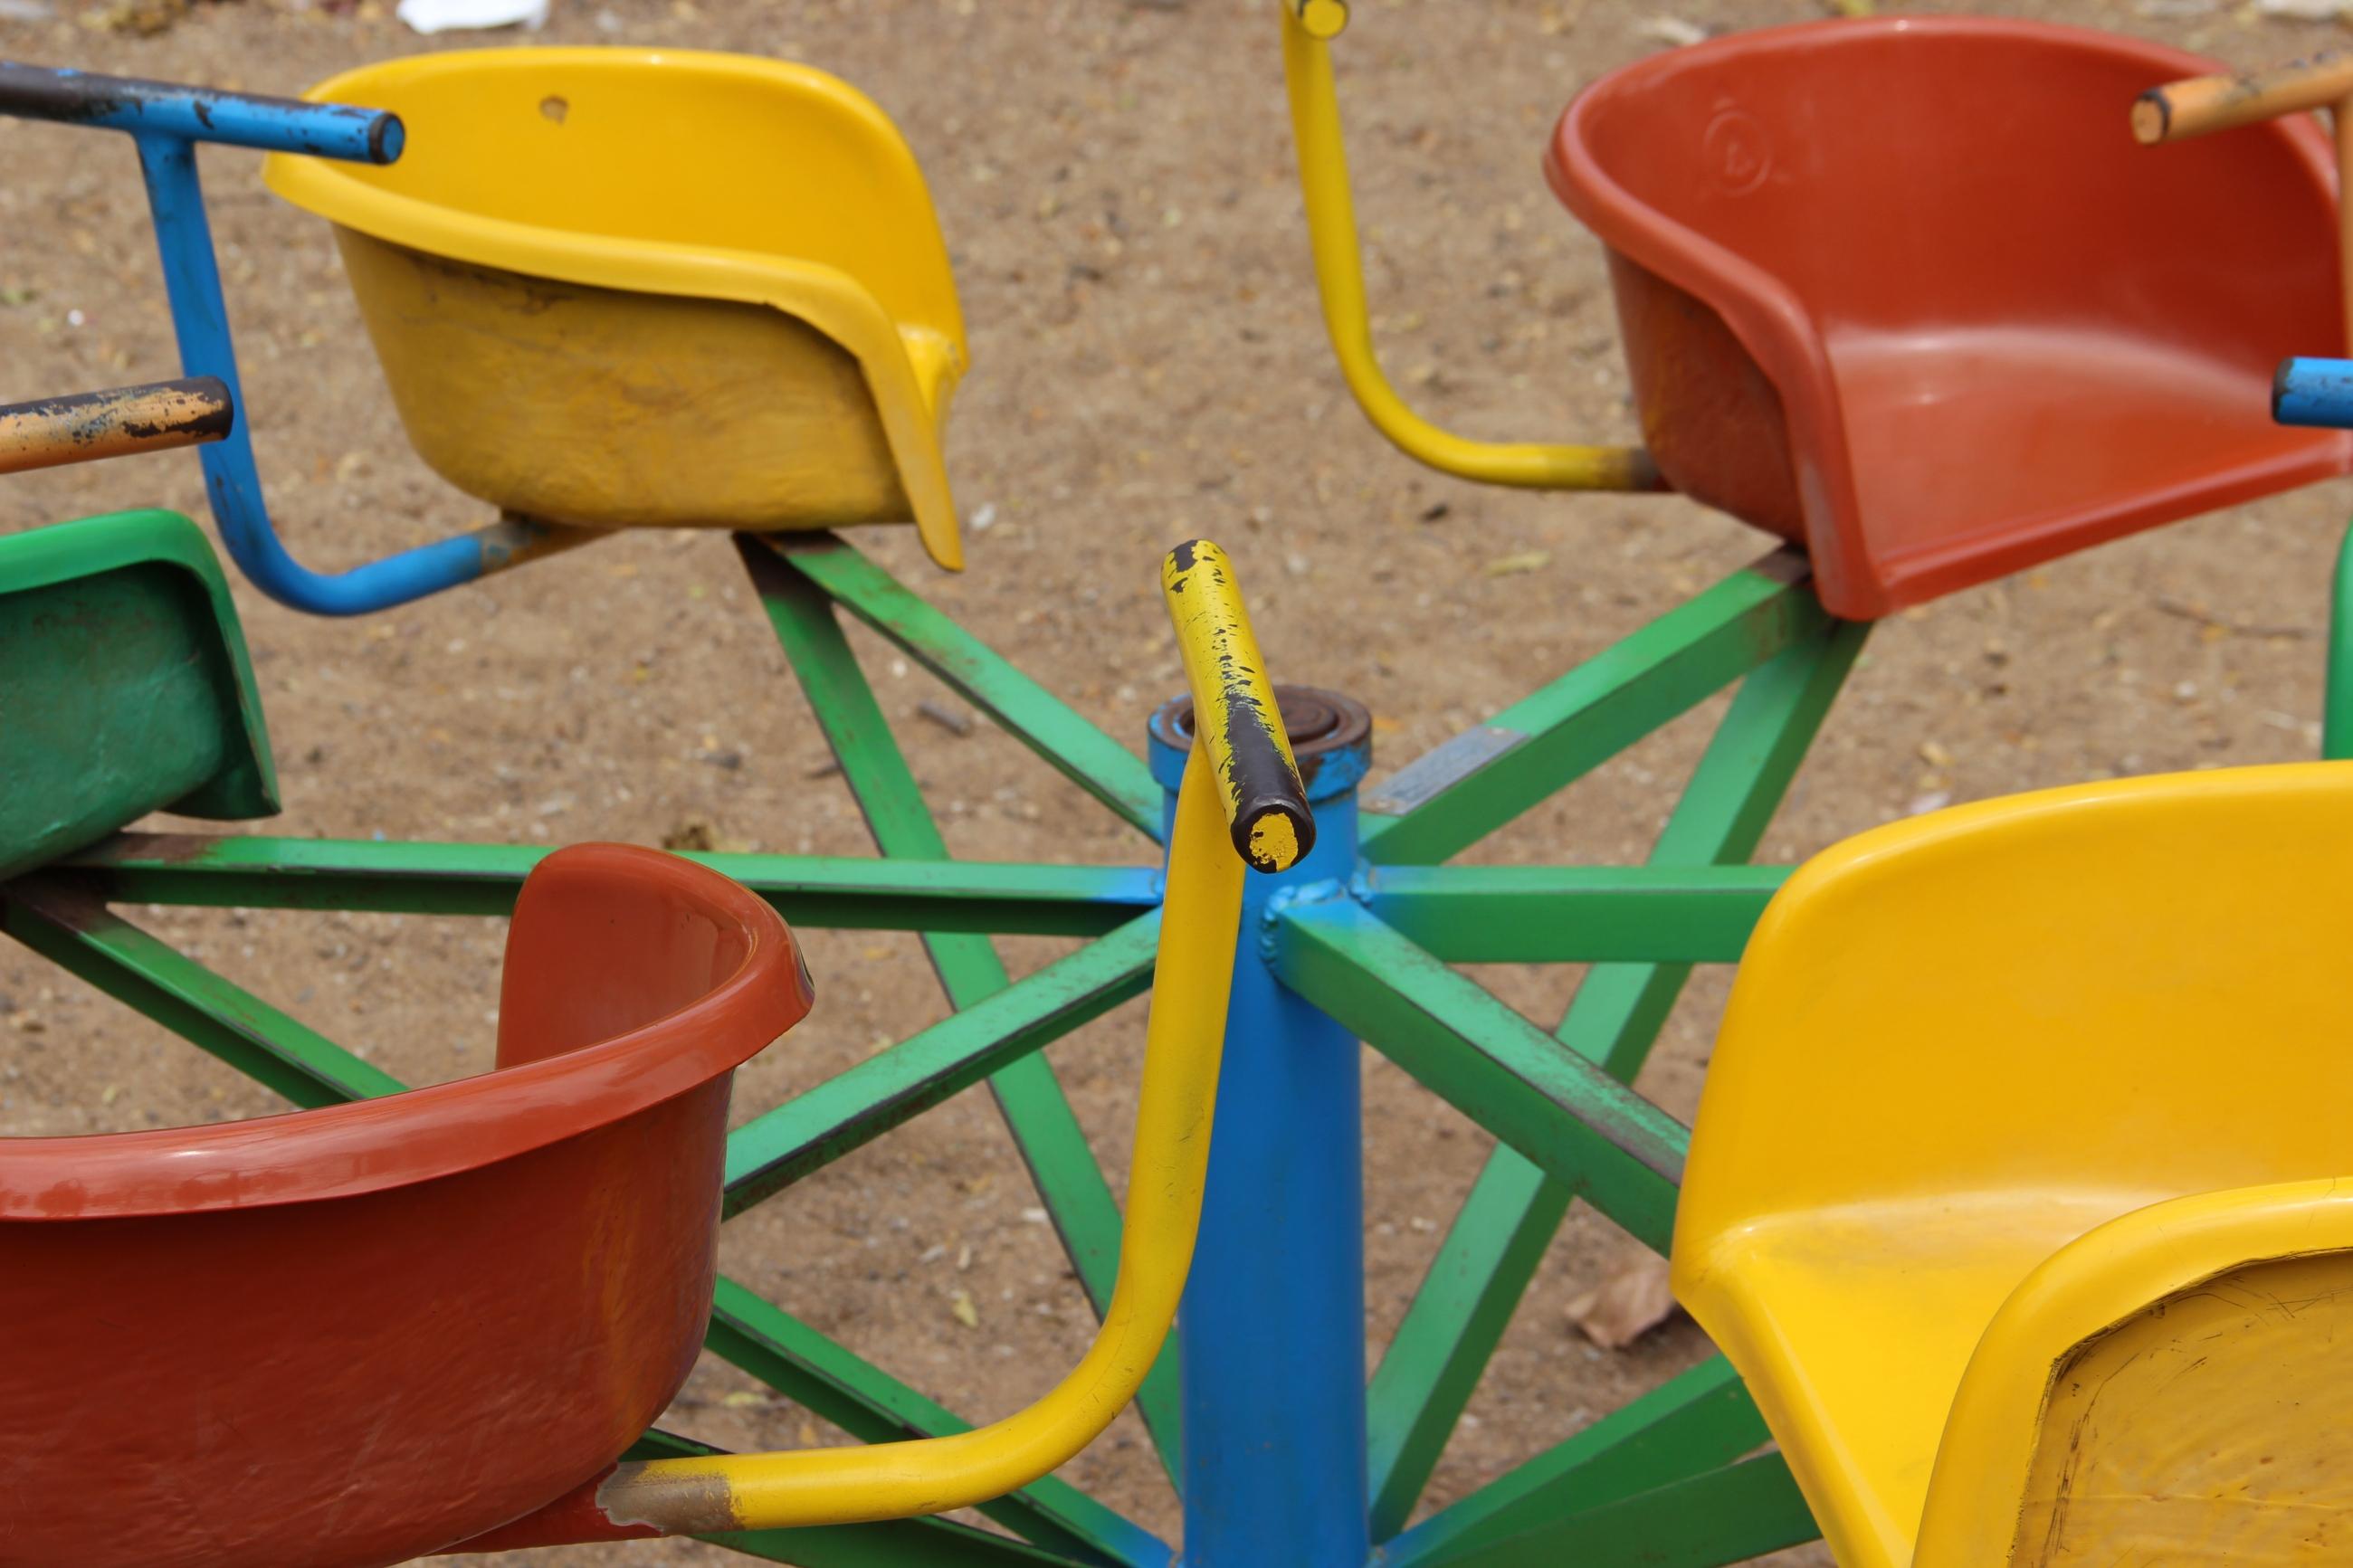 Foto: Kinderkarussel mit gelben und roten Sitzen.